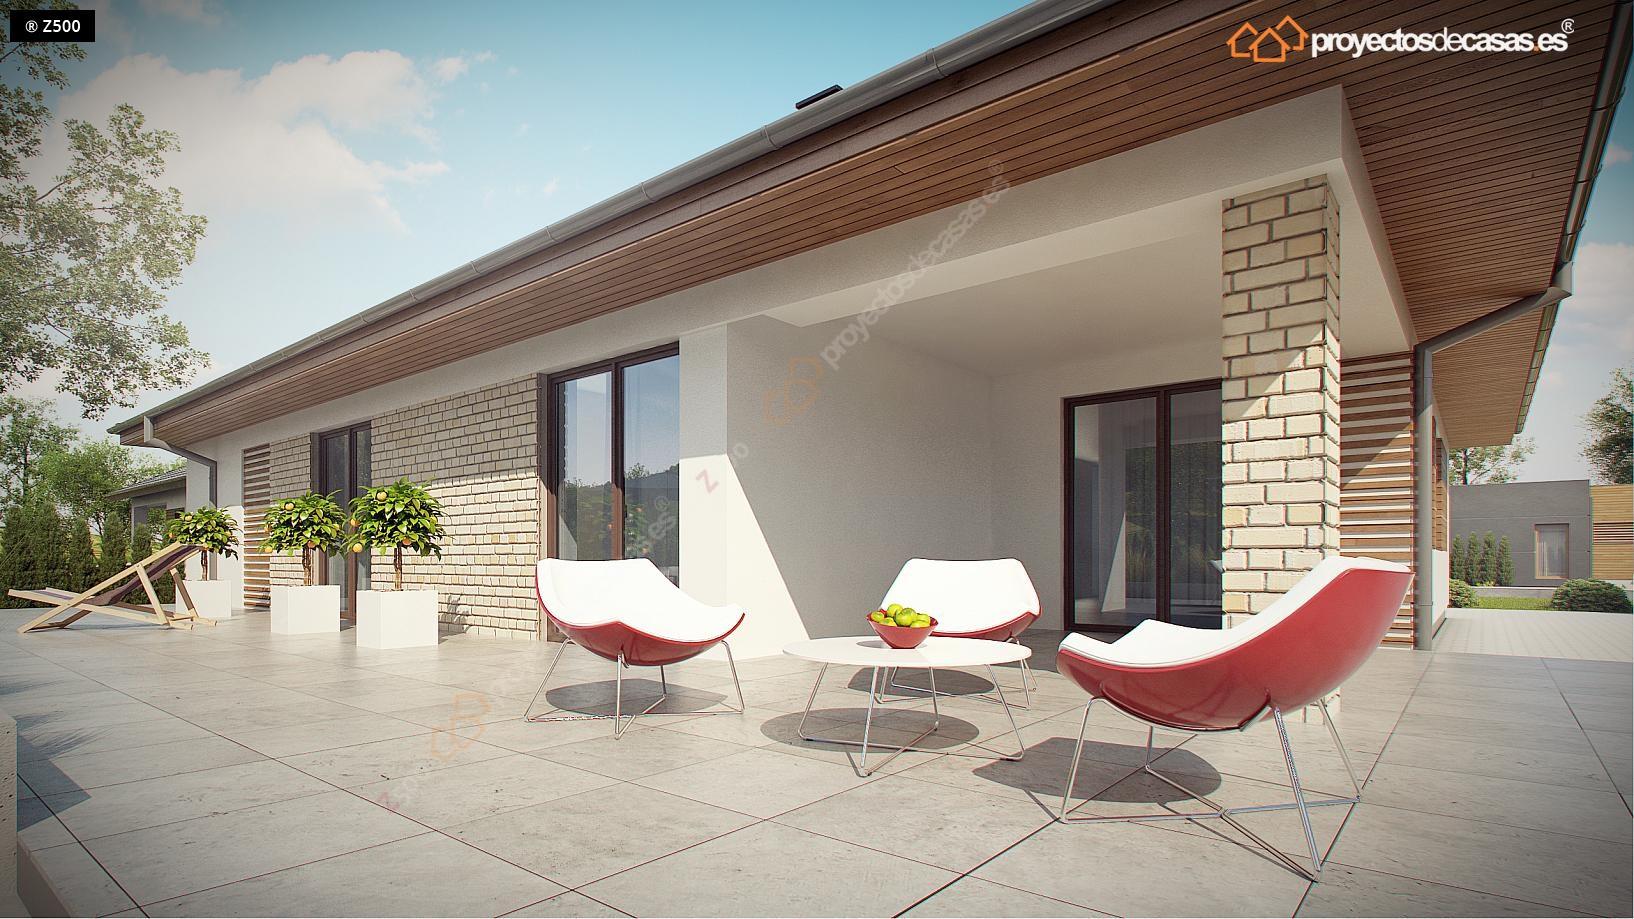 Proyectos de casas casa tradicional proyectosdecasas for Planos de chalets modernos